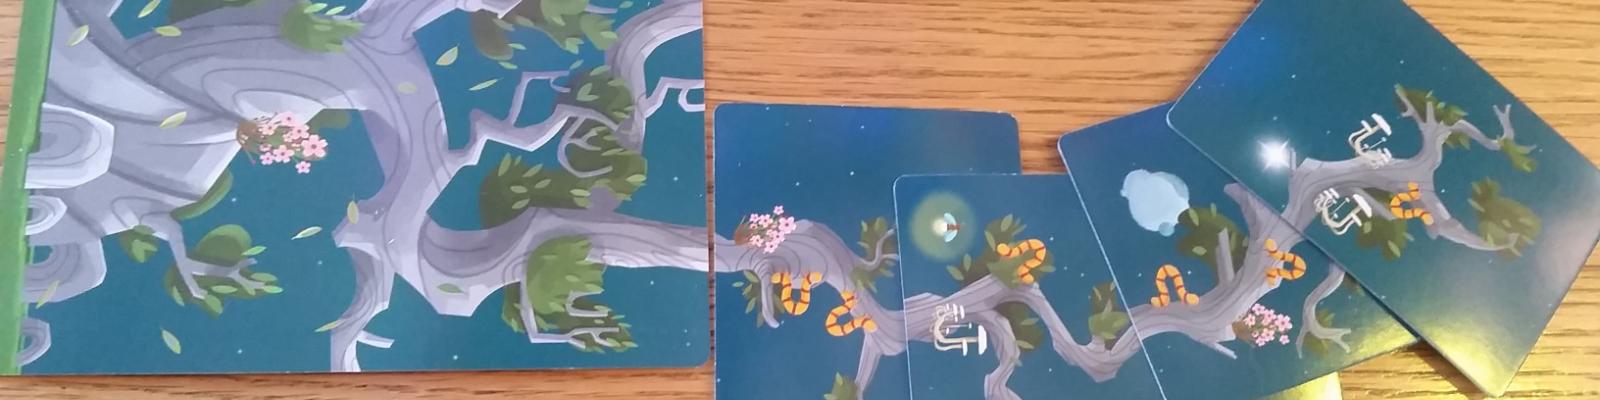 Booking post thumbnail image